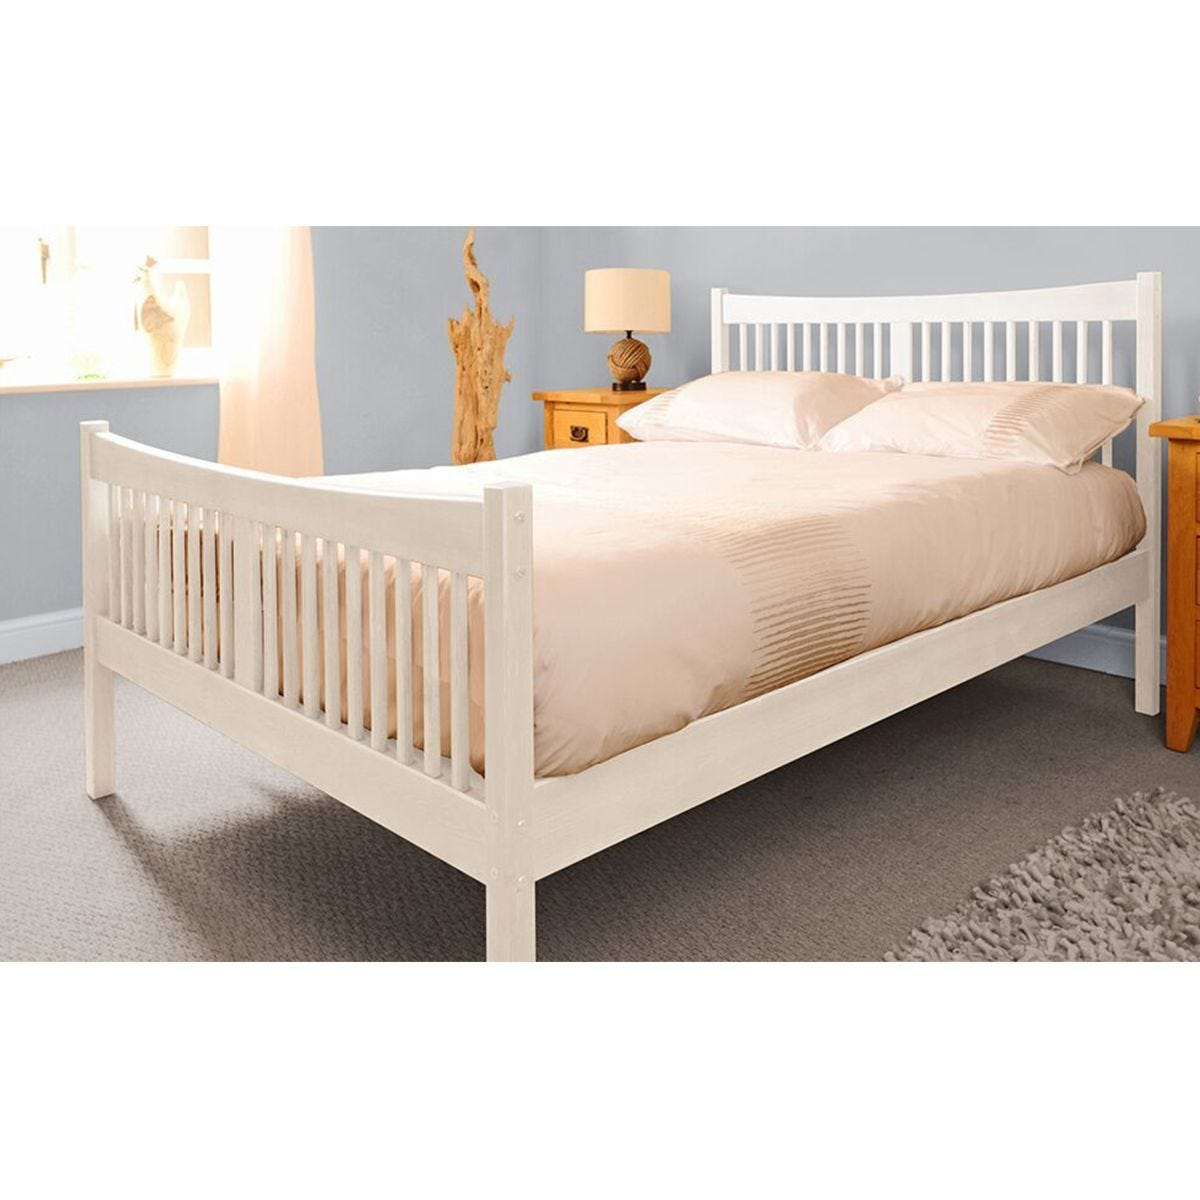 Balvi Bed Frame - White